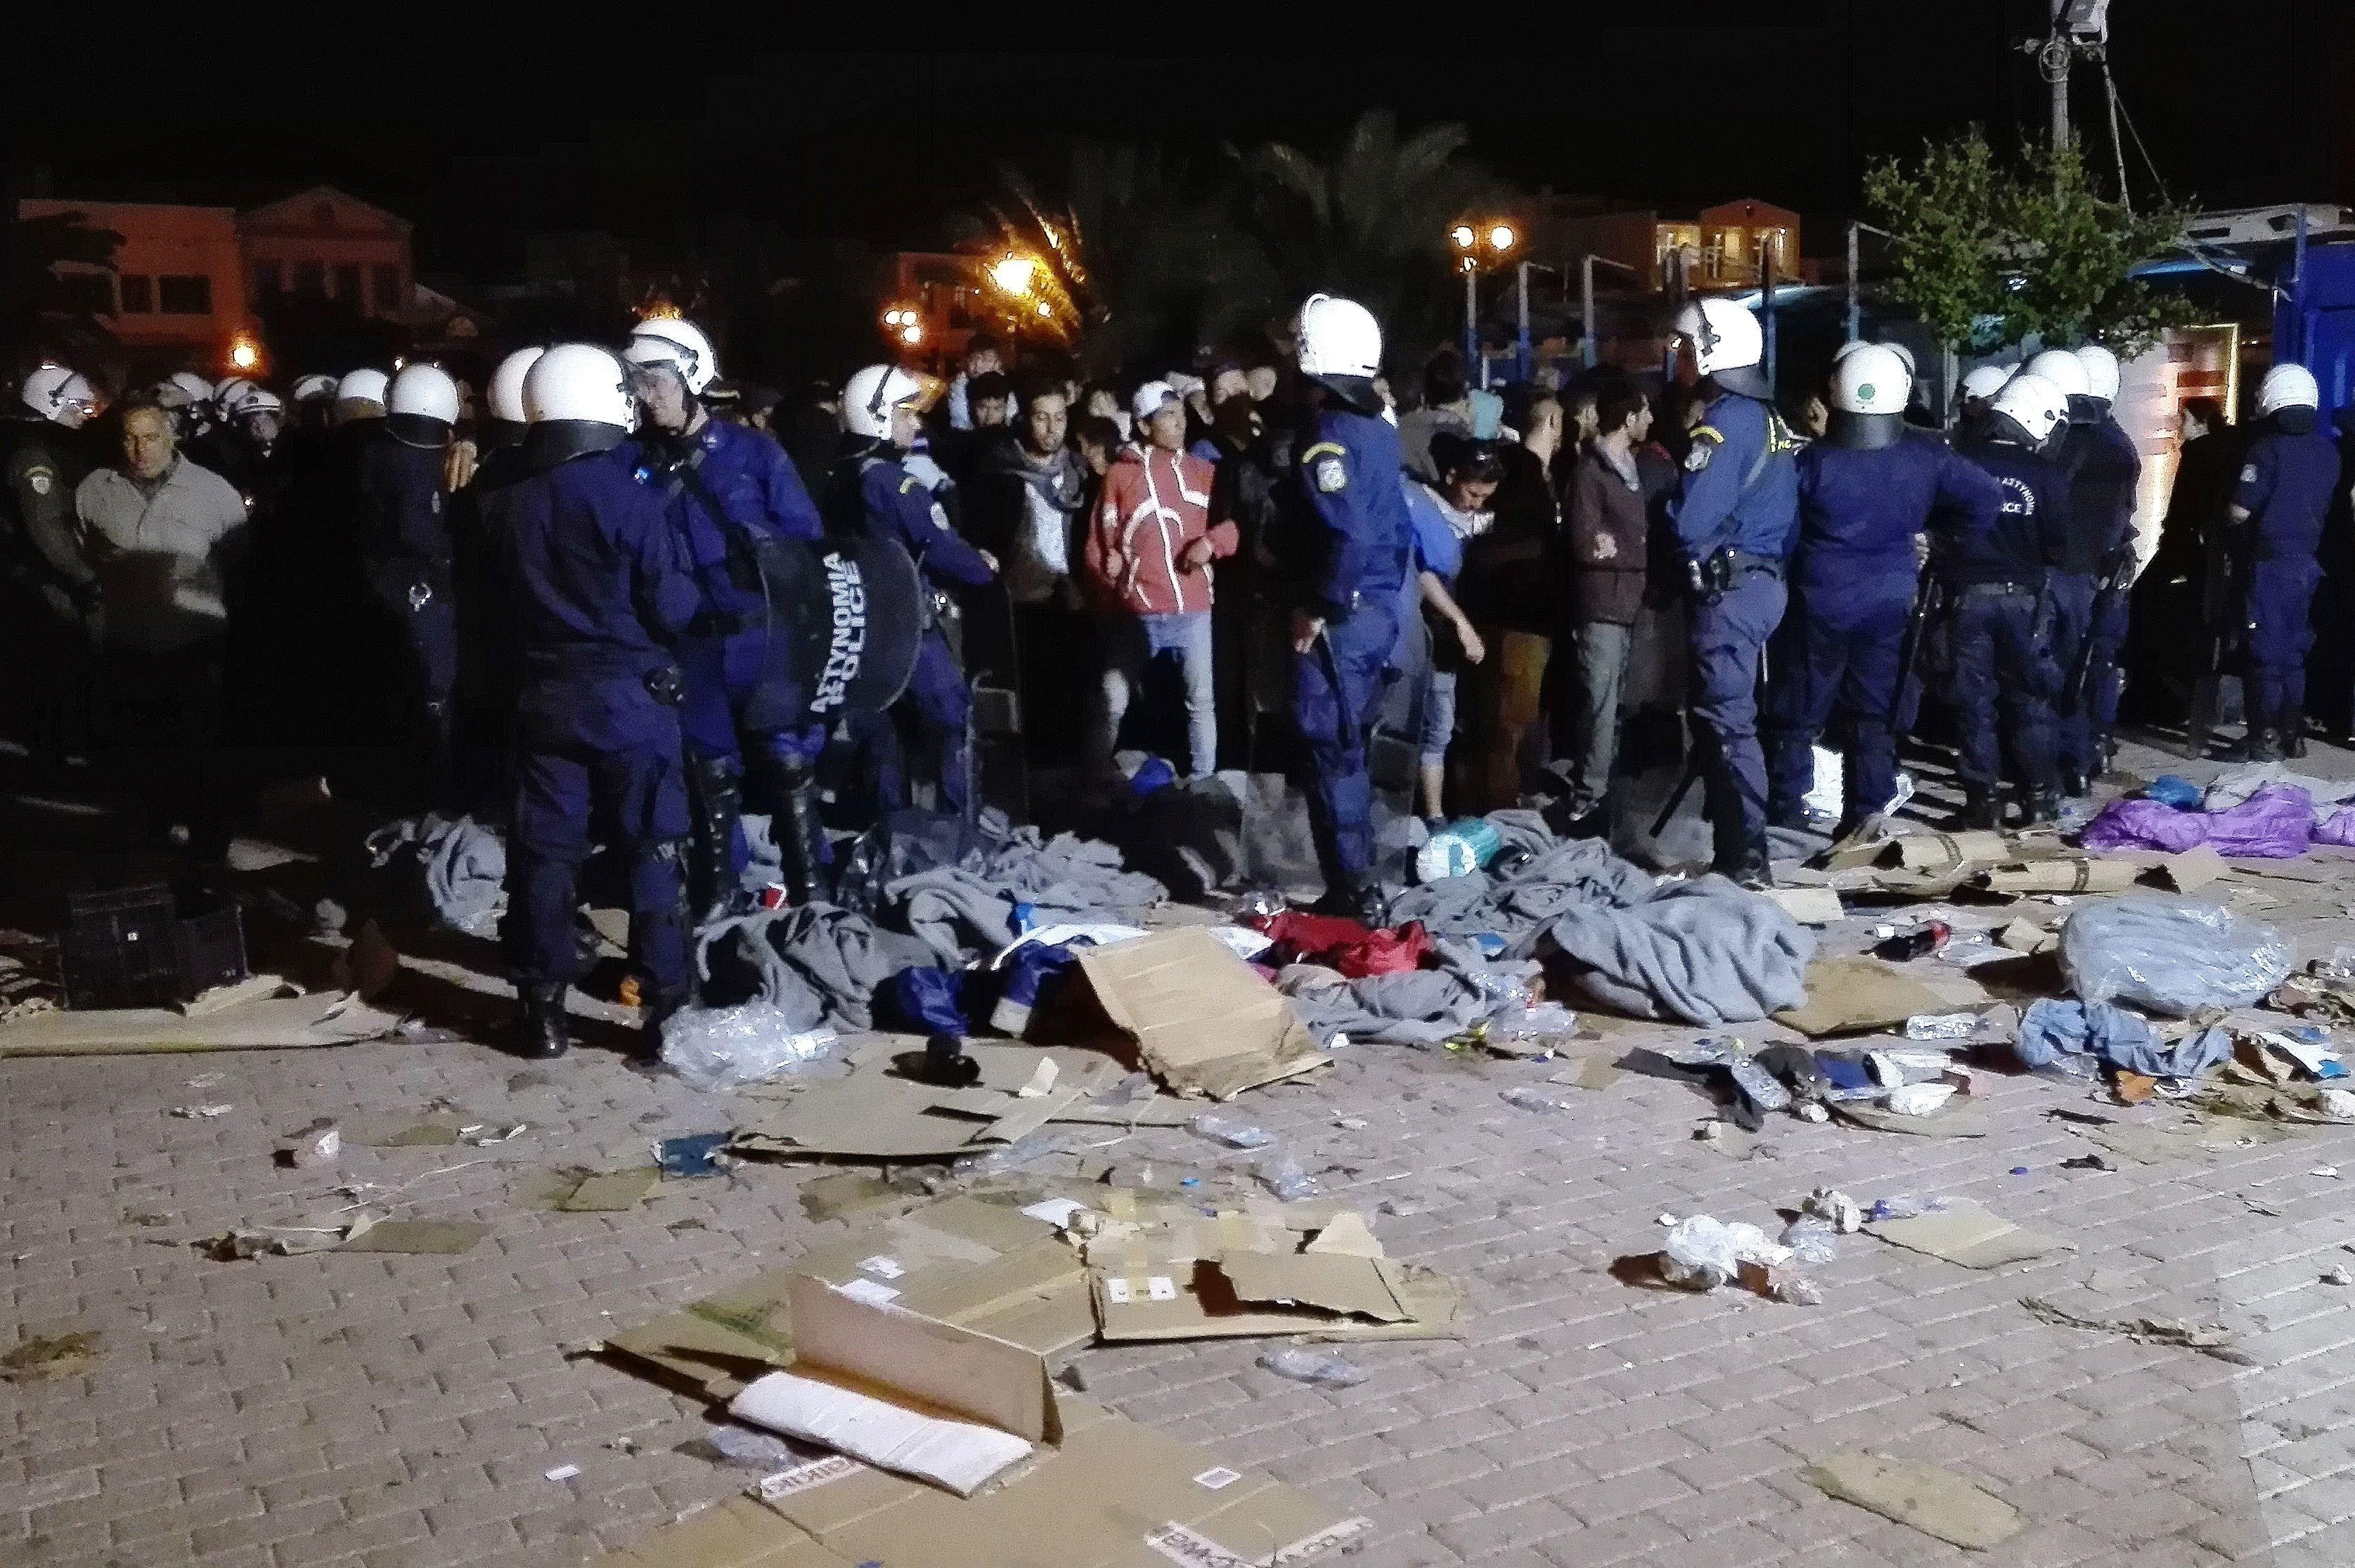 Ταυτοποιήθηκαν 26 άτομα για επιθέσεις σε μετανάστες στη